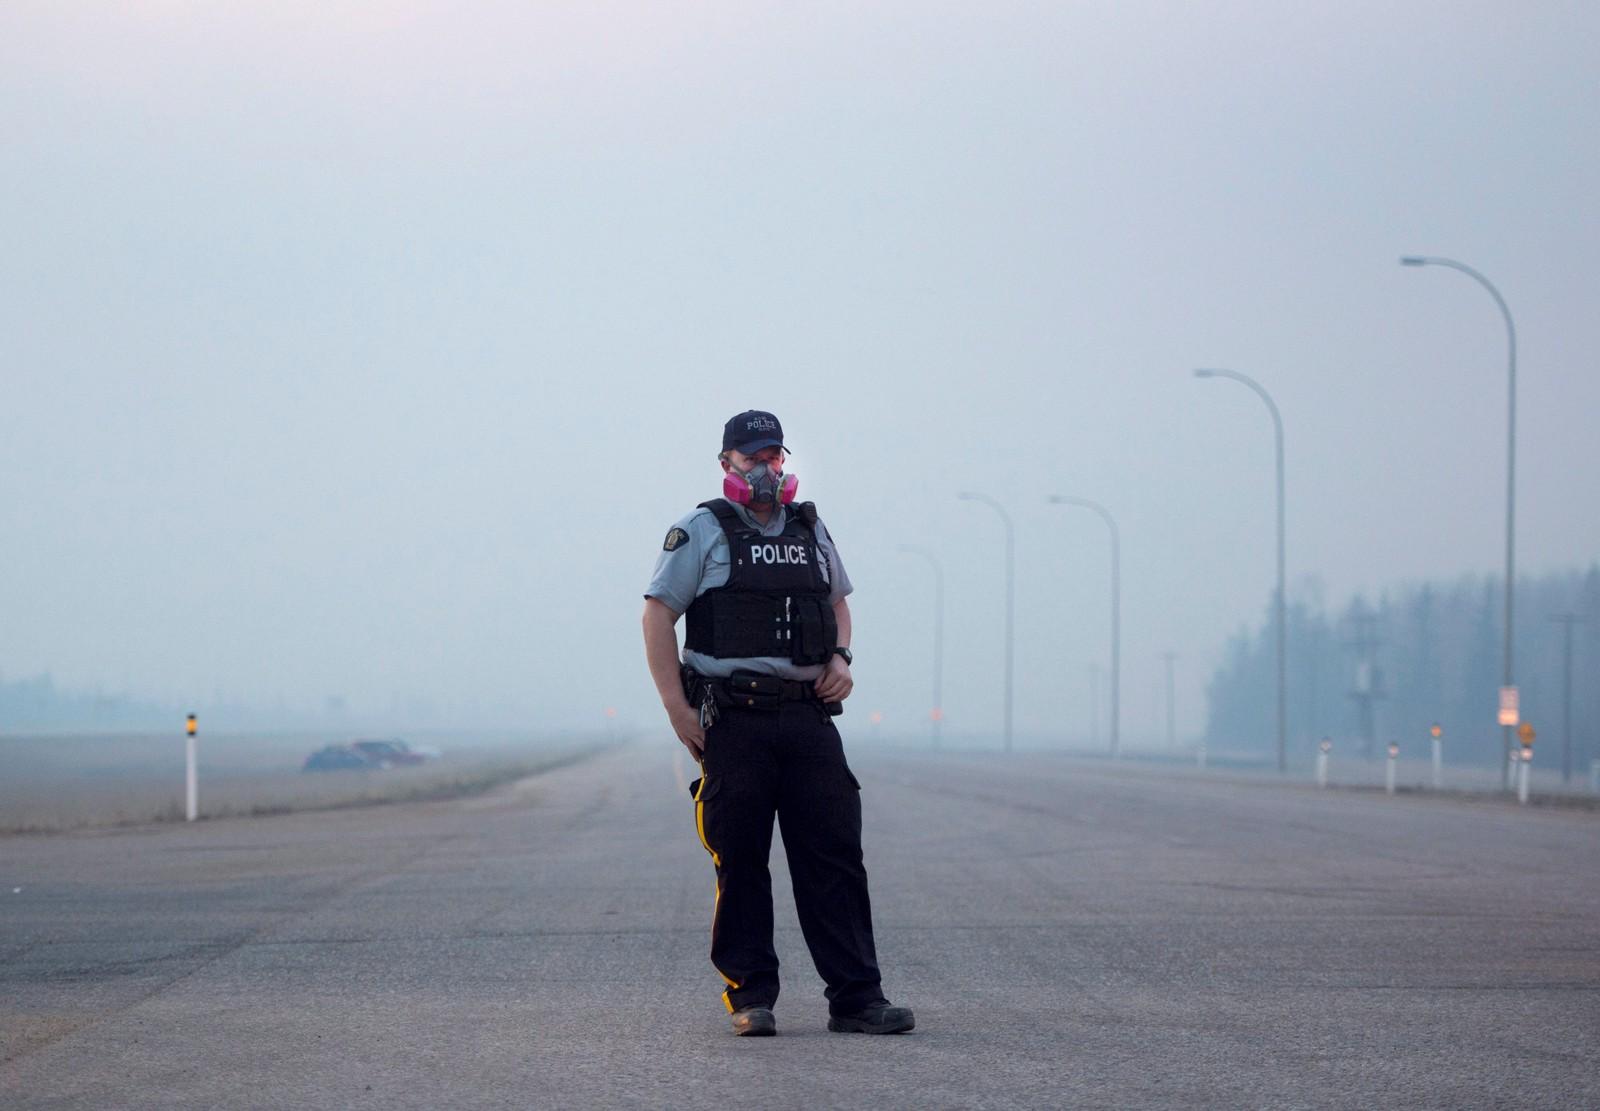 En politimann har på seg gassmaske mot røyken fra den voldsomme skogbrannen i Alberta i Canada. Skogbrannen startet rundt 1. mai og ifølge Chad Morrison, leder for avdelingen for forebygging av skogbrann i Alberta, er det ikke klart hva som er årsaken til skogbrannen. De tror imidlertid at et lynnedslag kan ha startet brannen, som oppsto i et øde område.